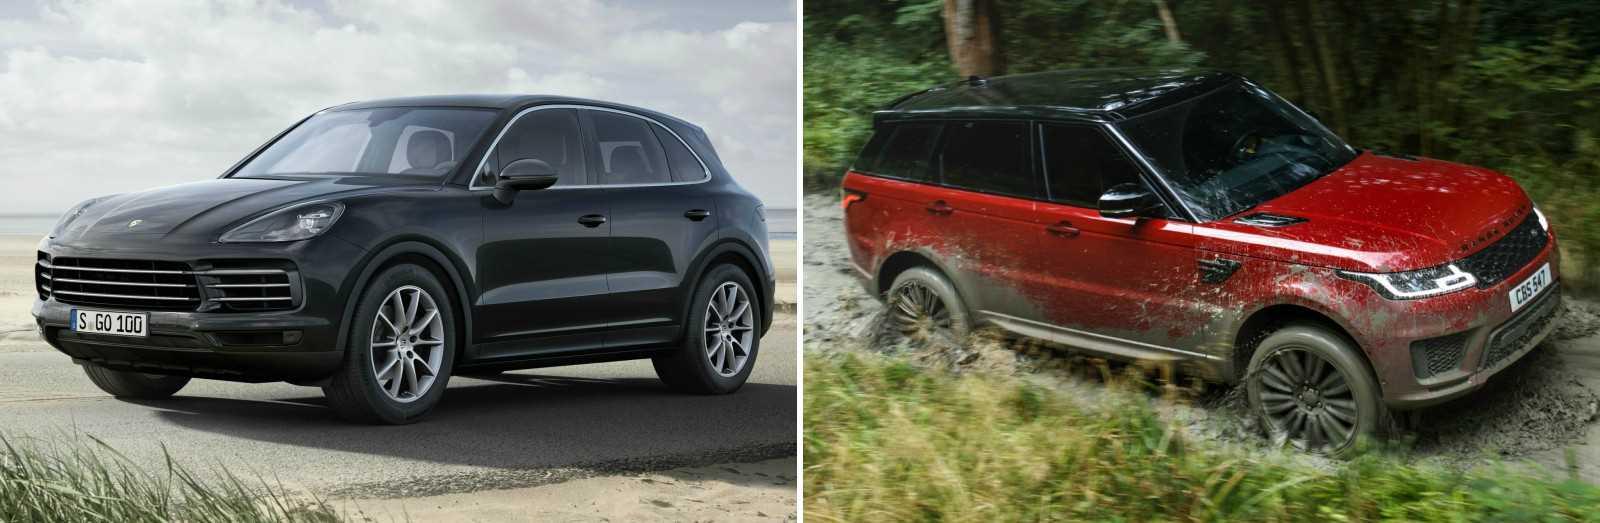 Porsche Cayenne vs. Range Rover Sport 2018 (vergelijking)